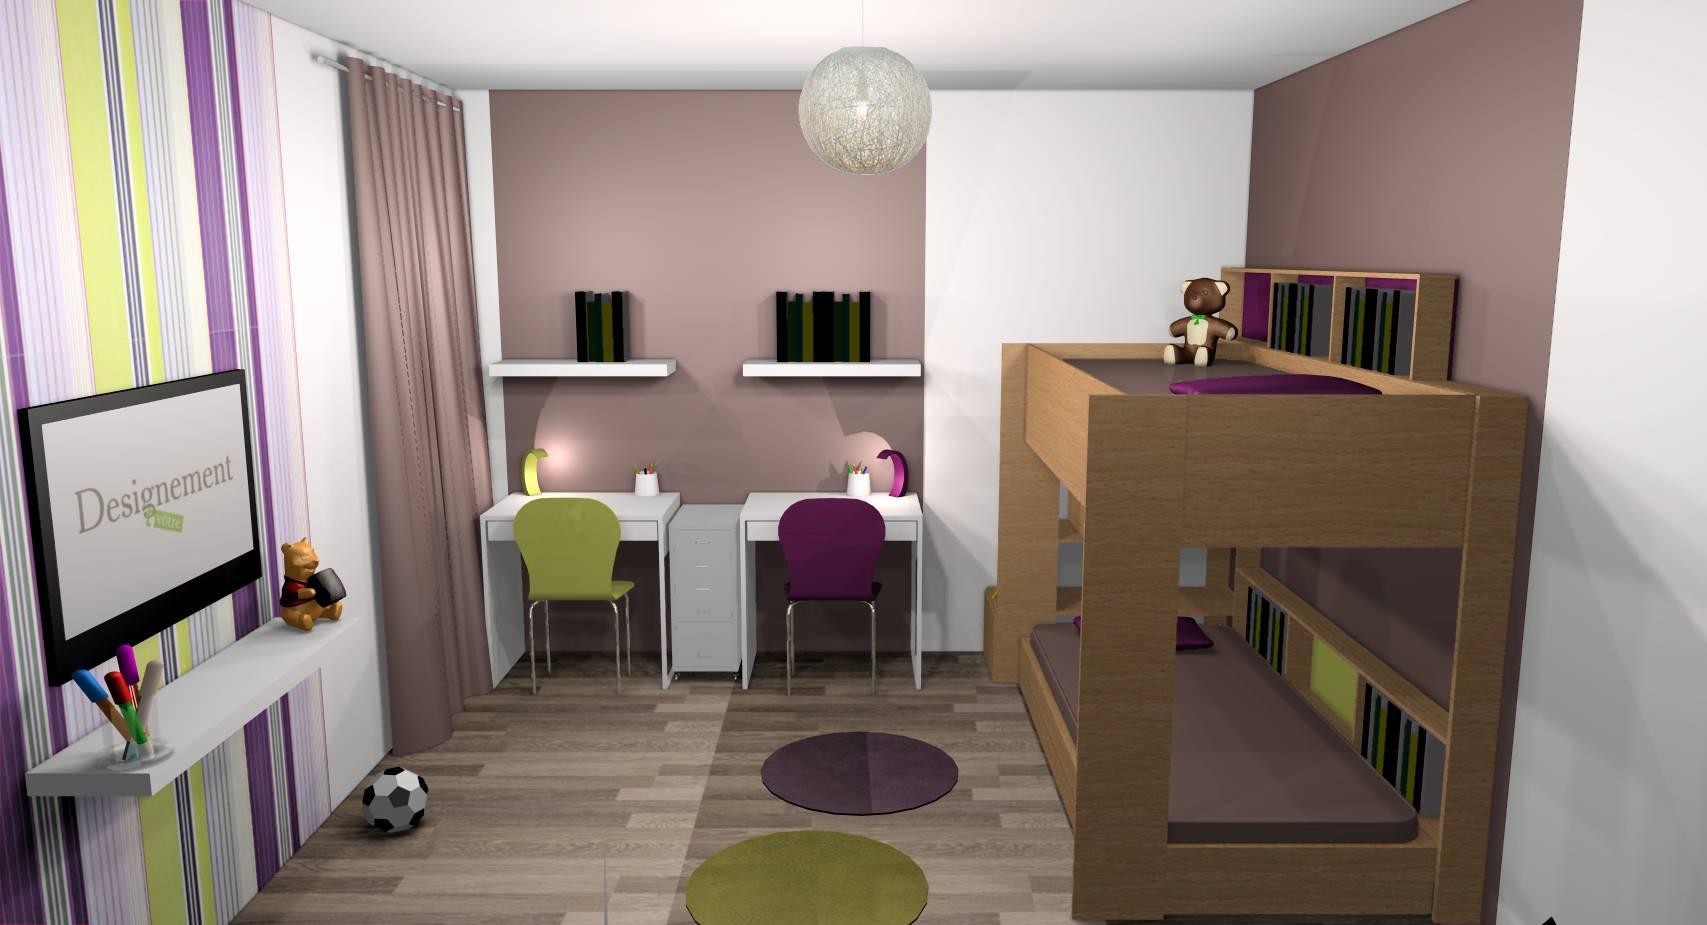 Chambres enfants Archives - Designement Vôtre